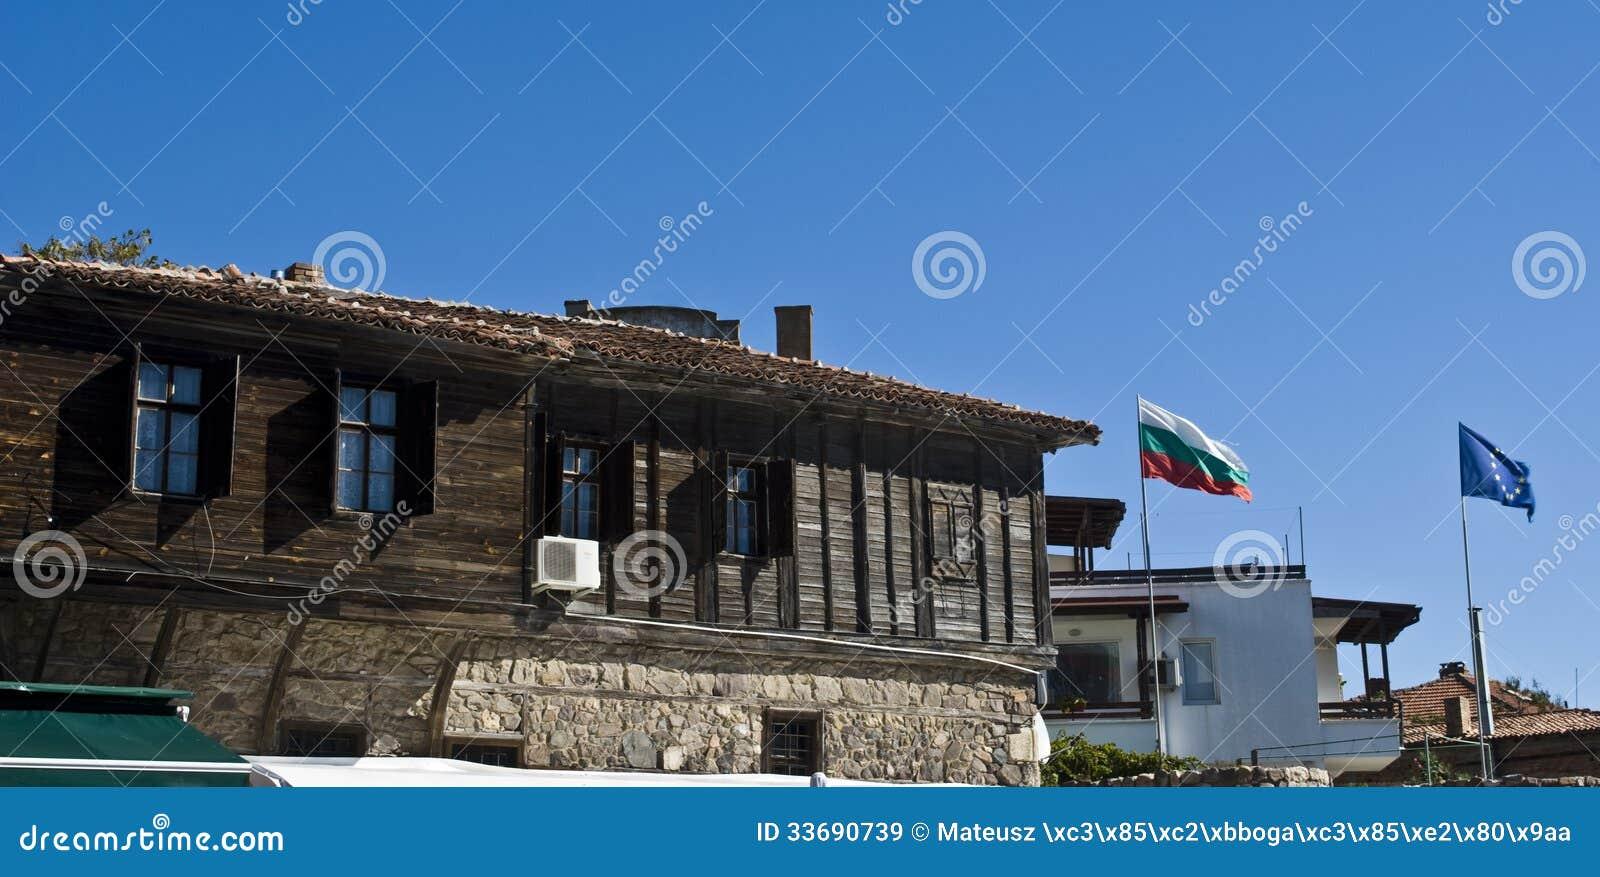 Casas De Madera Viejas Tradicionales En Sozopol, Bulgaria ... - photo#5